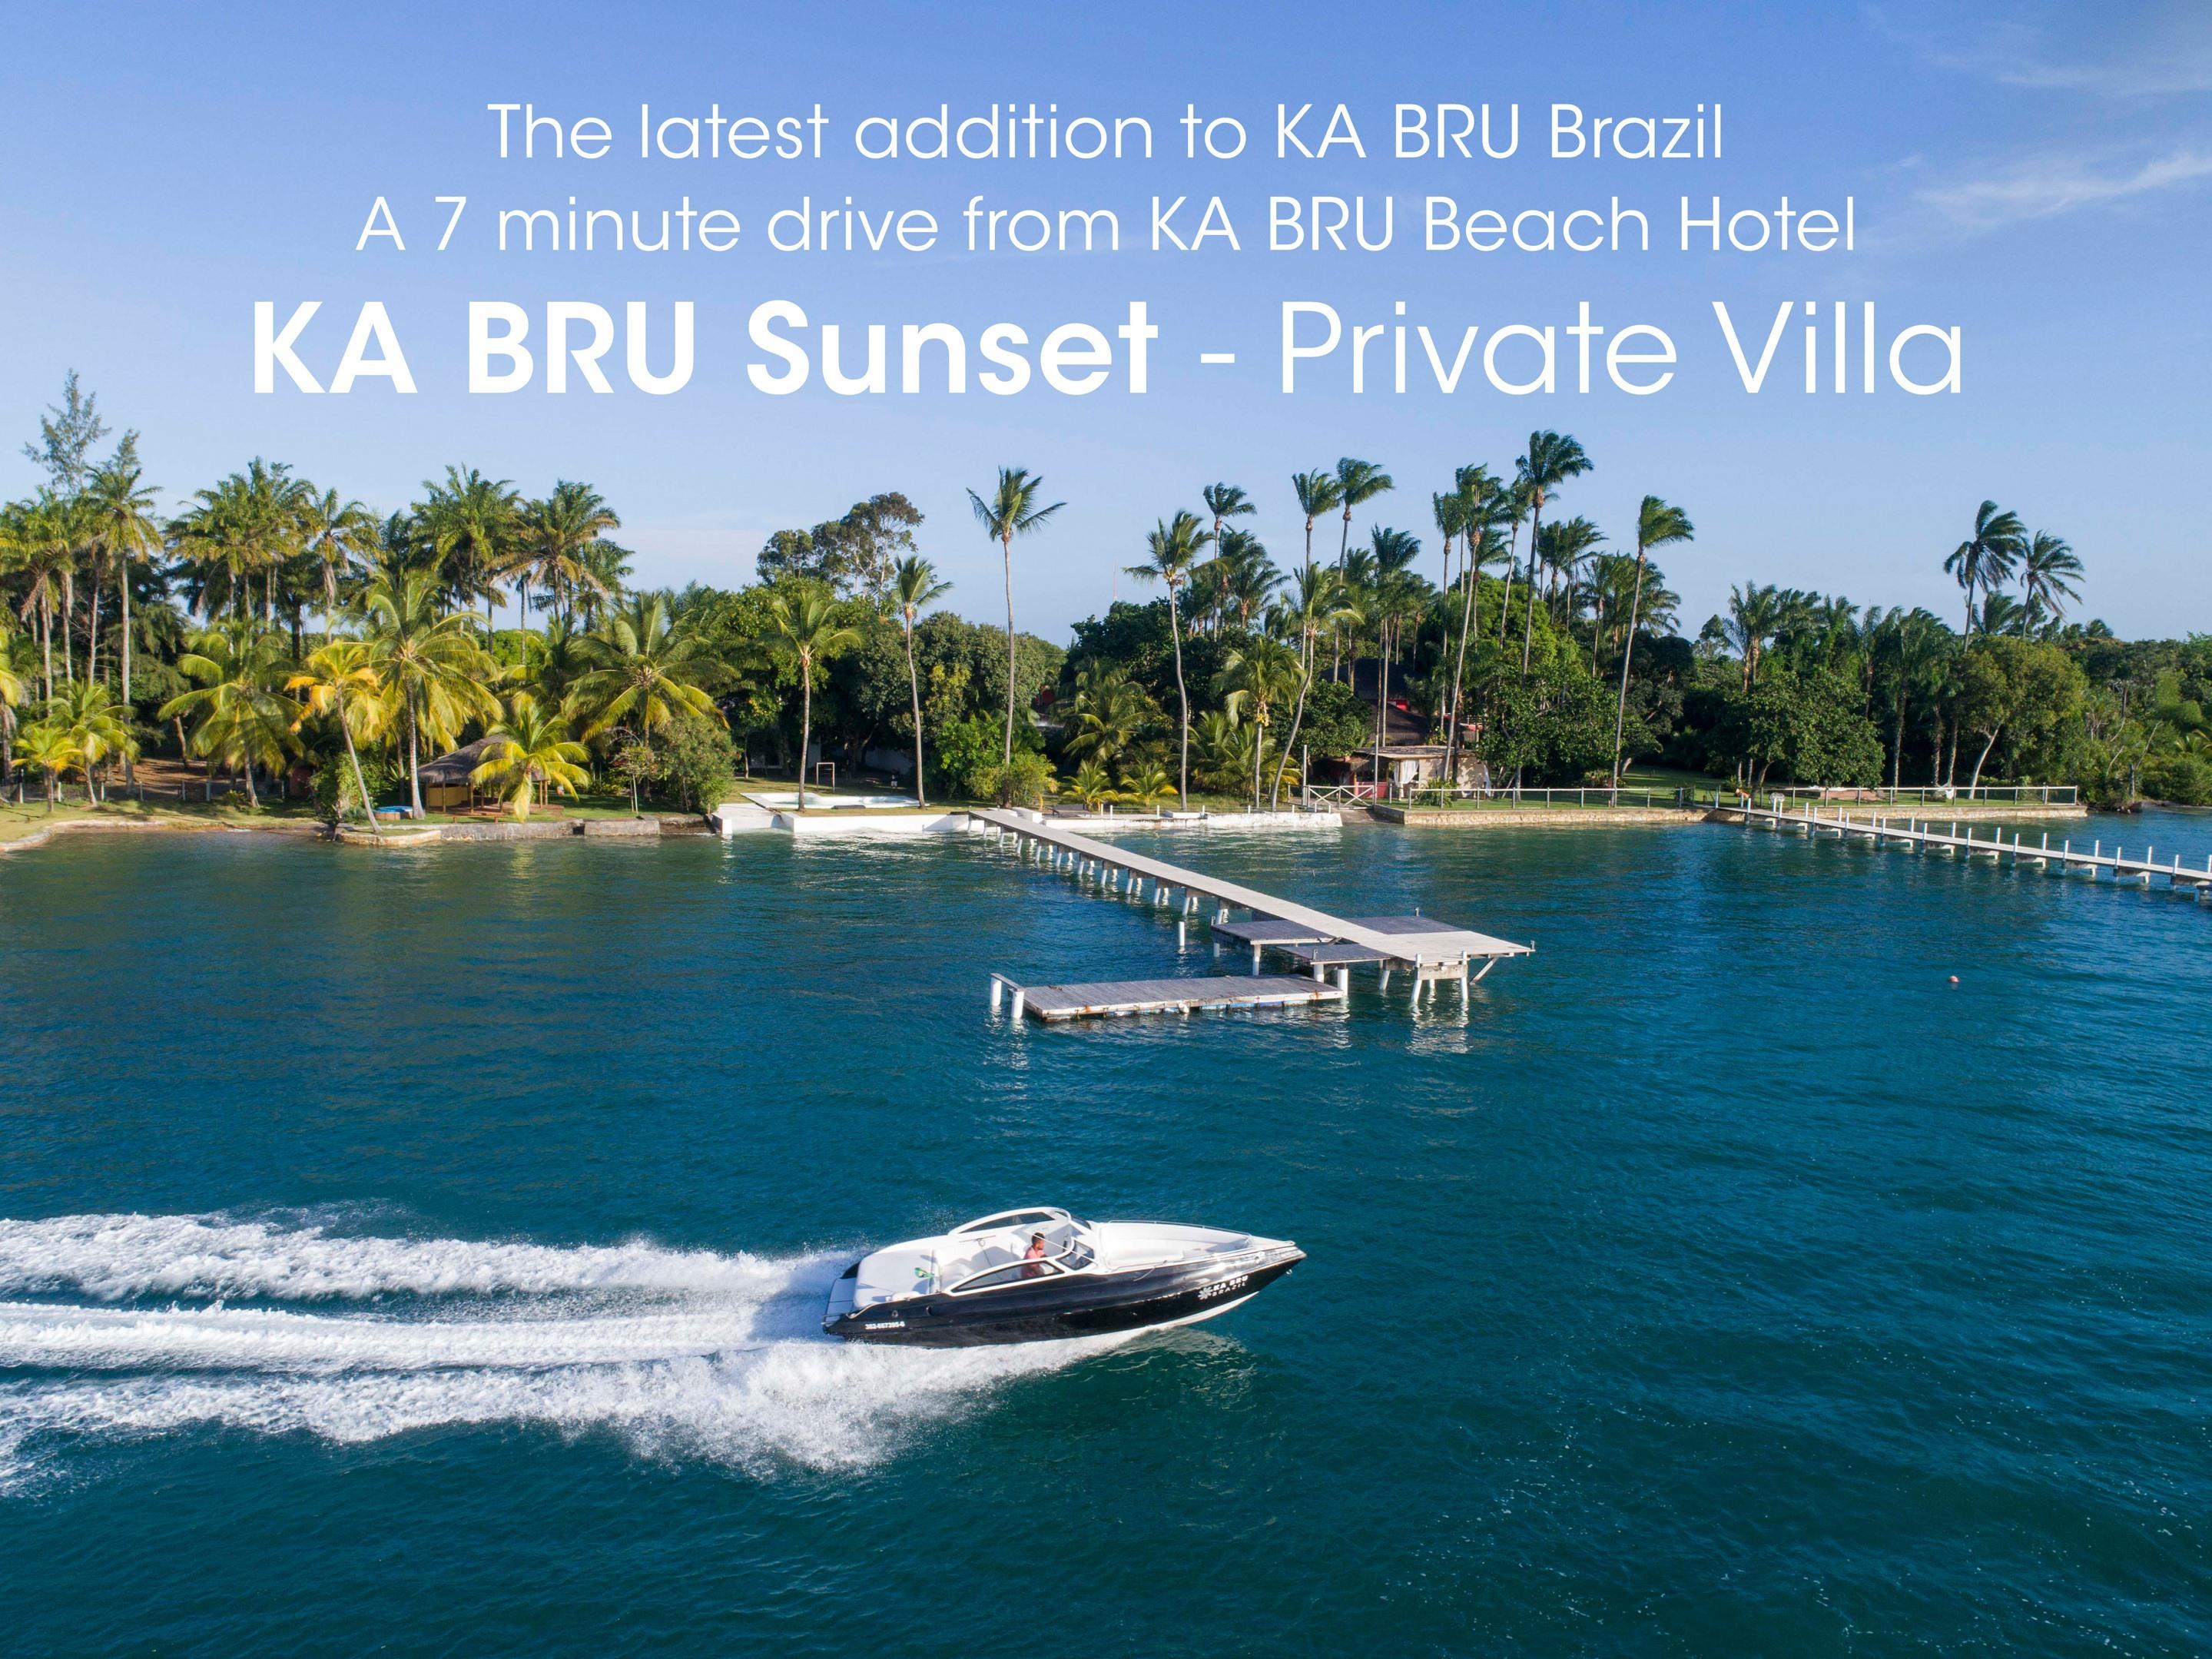 Private Villa Sunset (with ventilators)